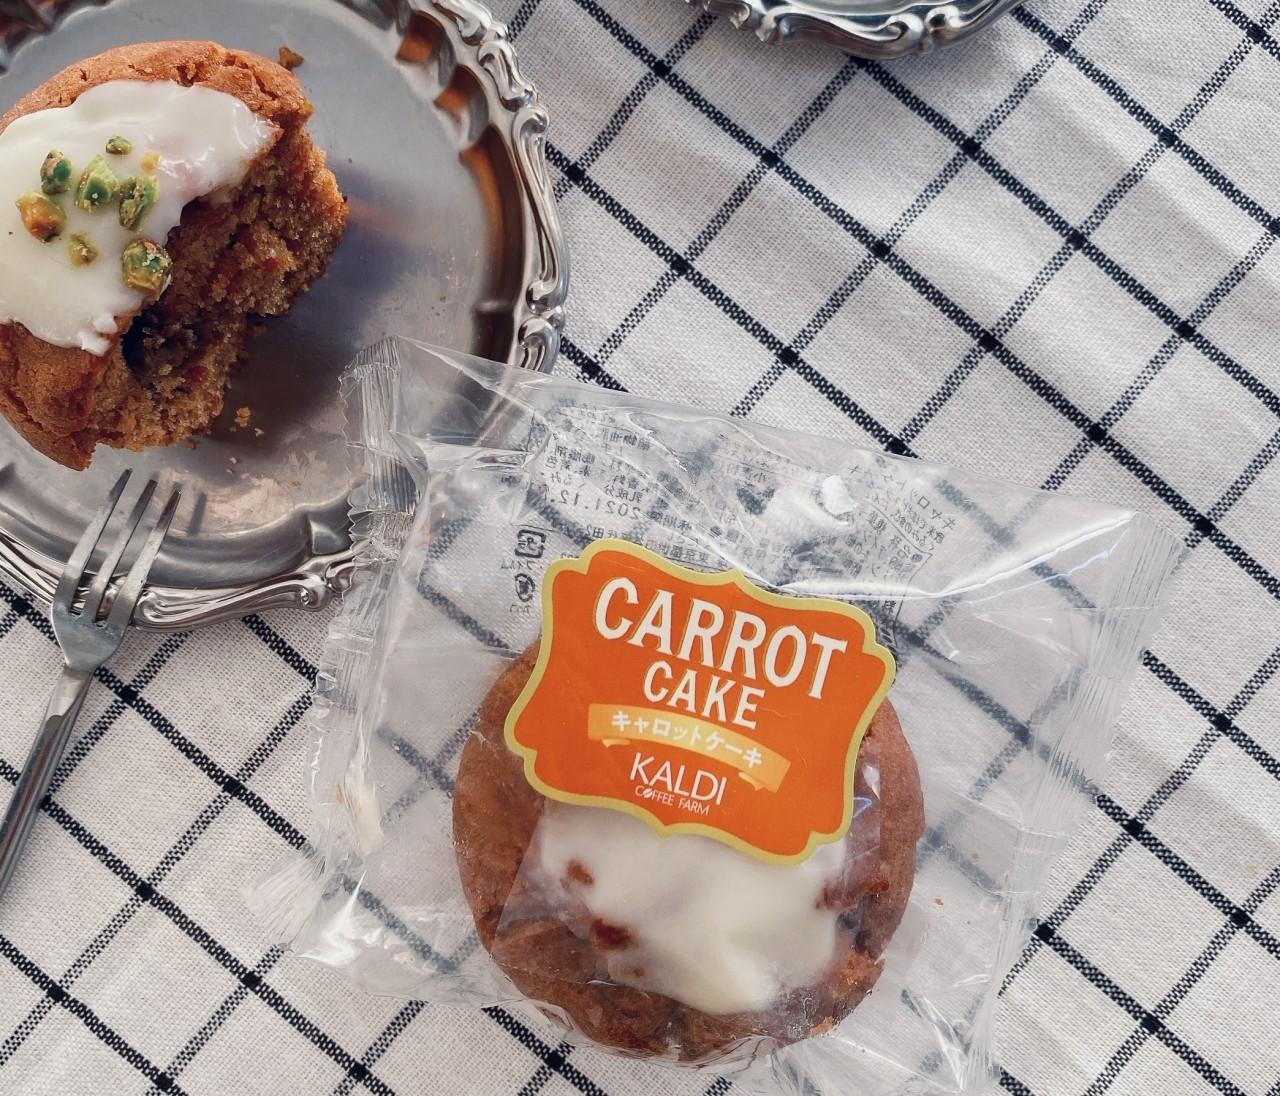 【カルディおすすめ】知る人ぞ知る冷凍スイーツ「キャロットケーキ」がスパイシーで美味しい!【元フードバイヤーmanamiのコスパなグルメ&スイーツ】